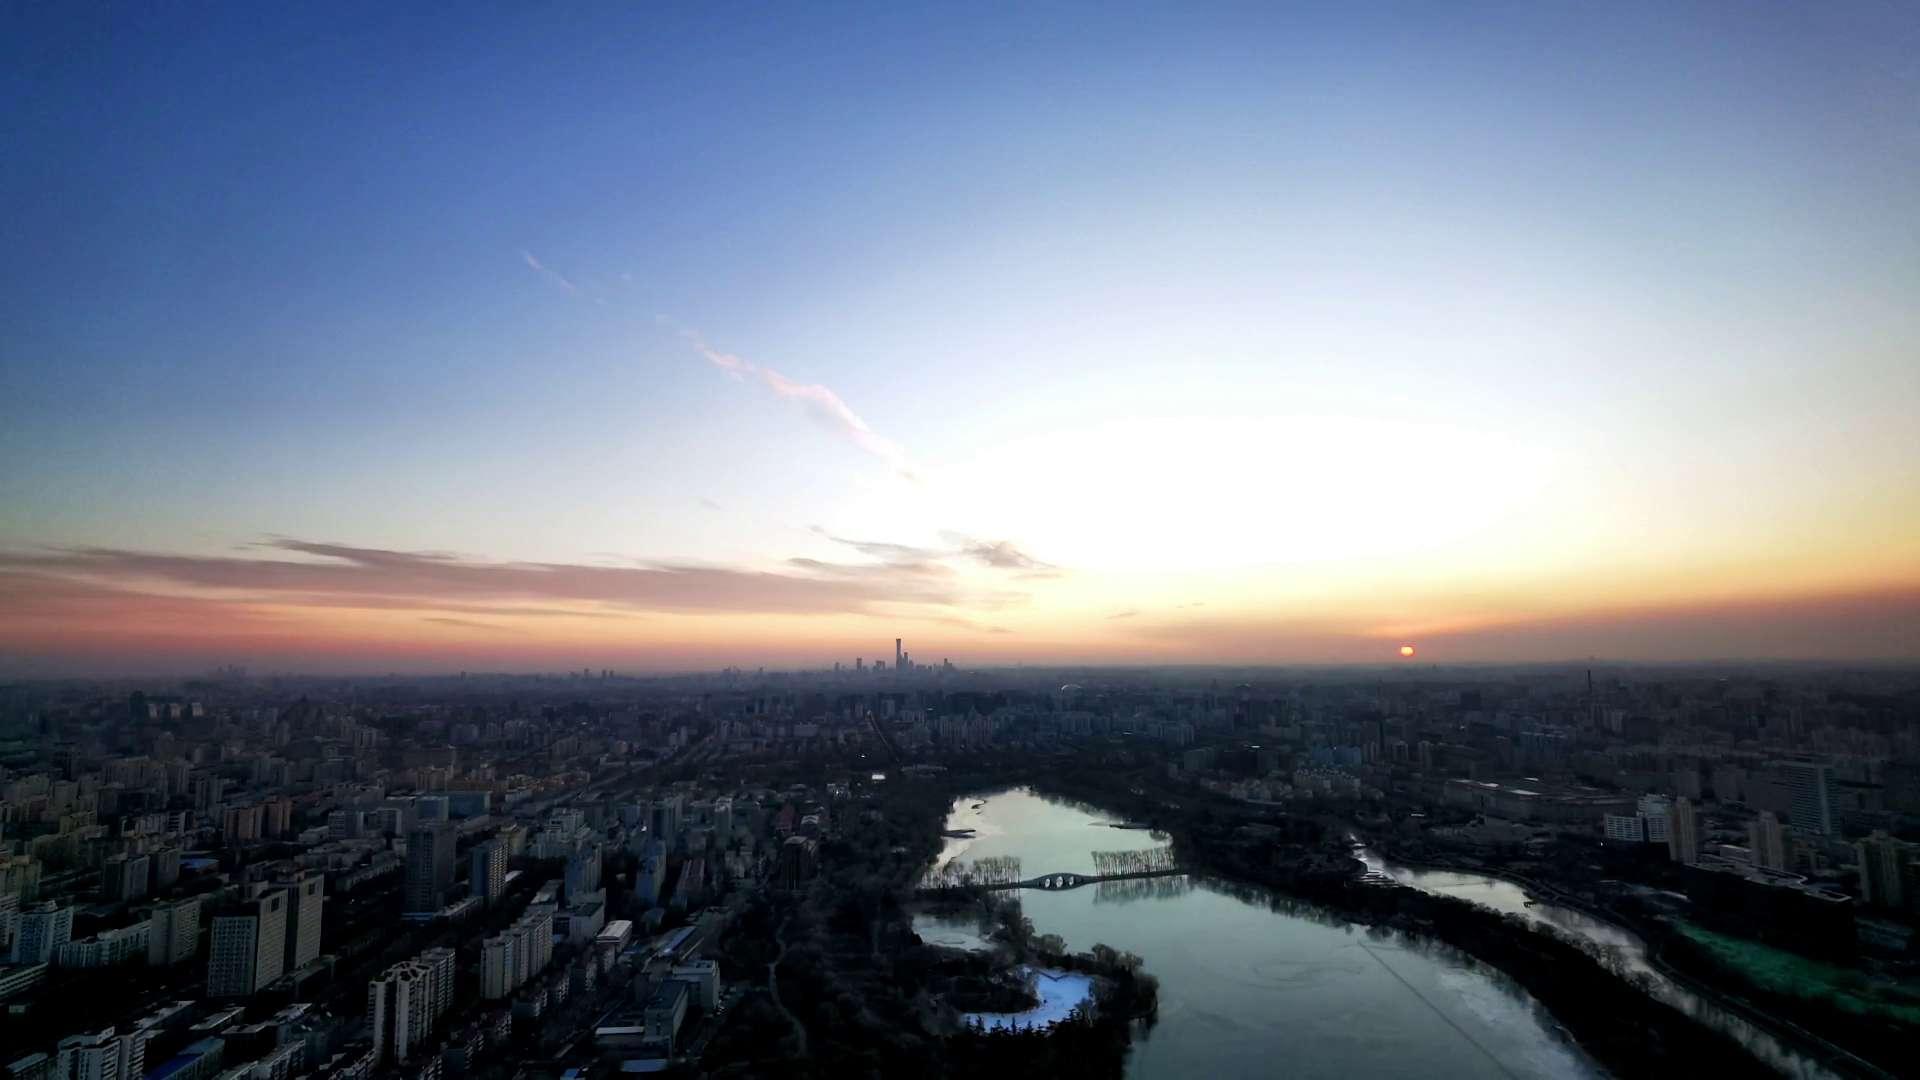 北京平安夜的第一缕阳光|Mate40系列延时摄影,随手拍-花粉俱乐部